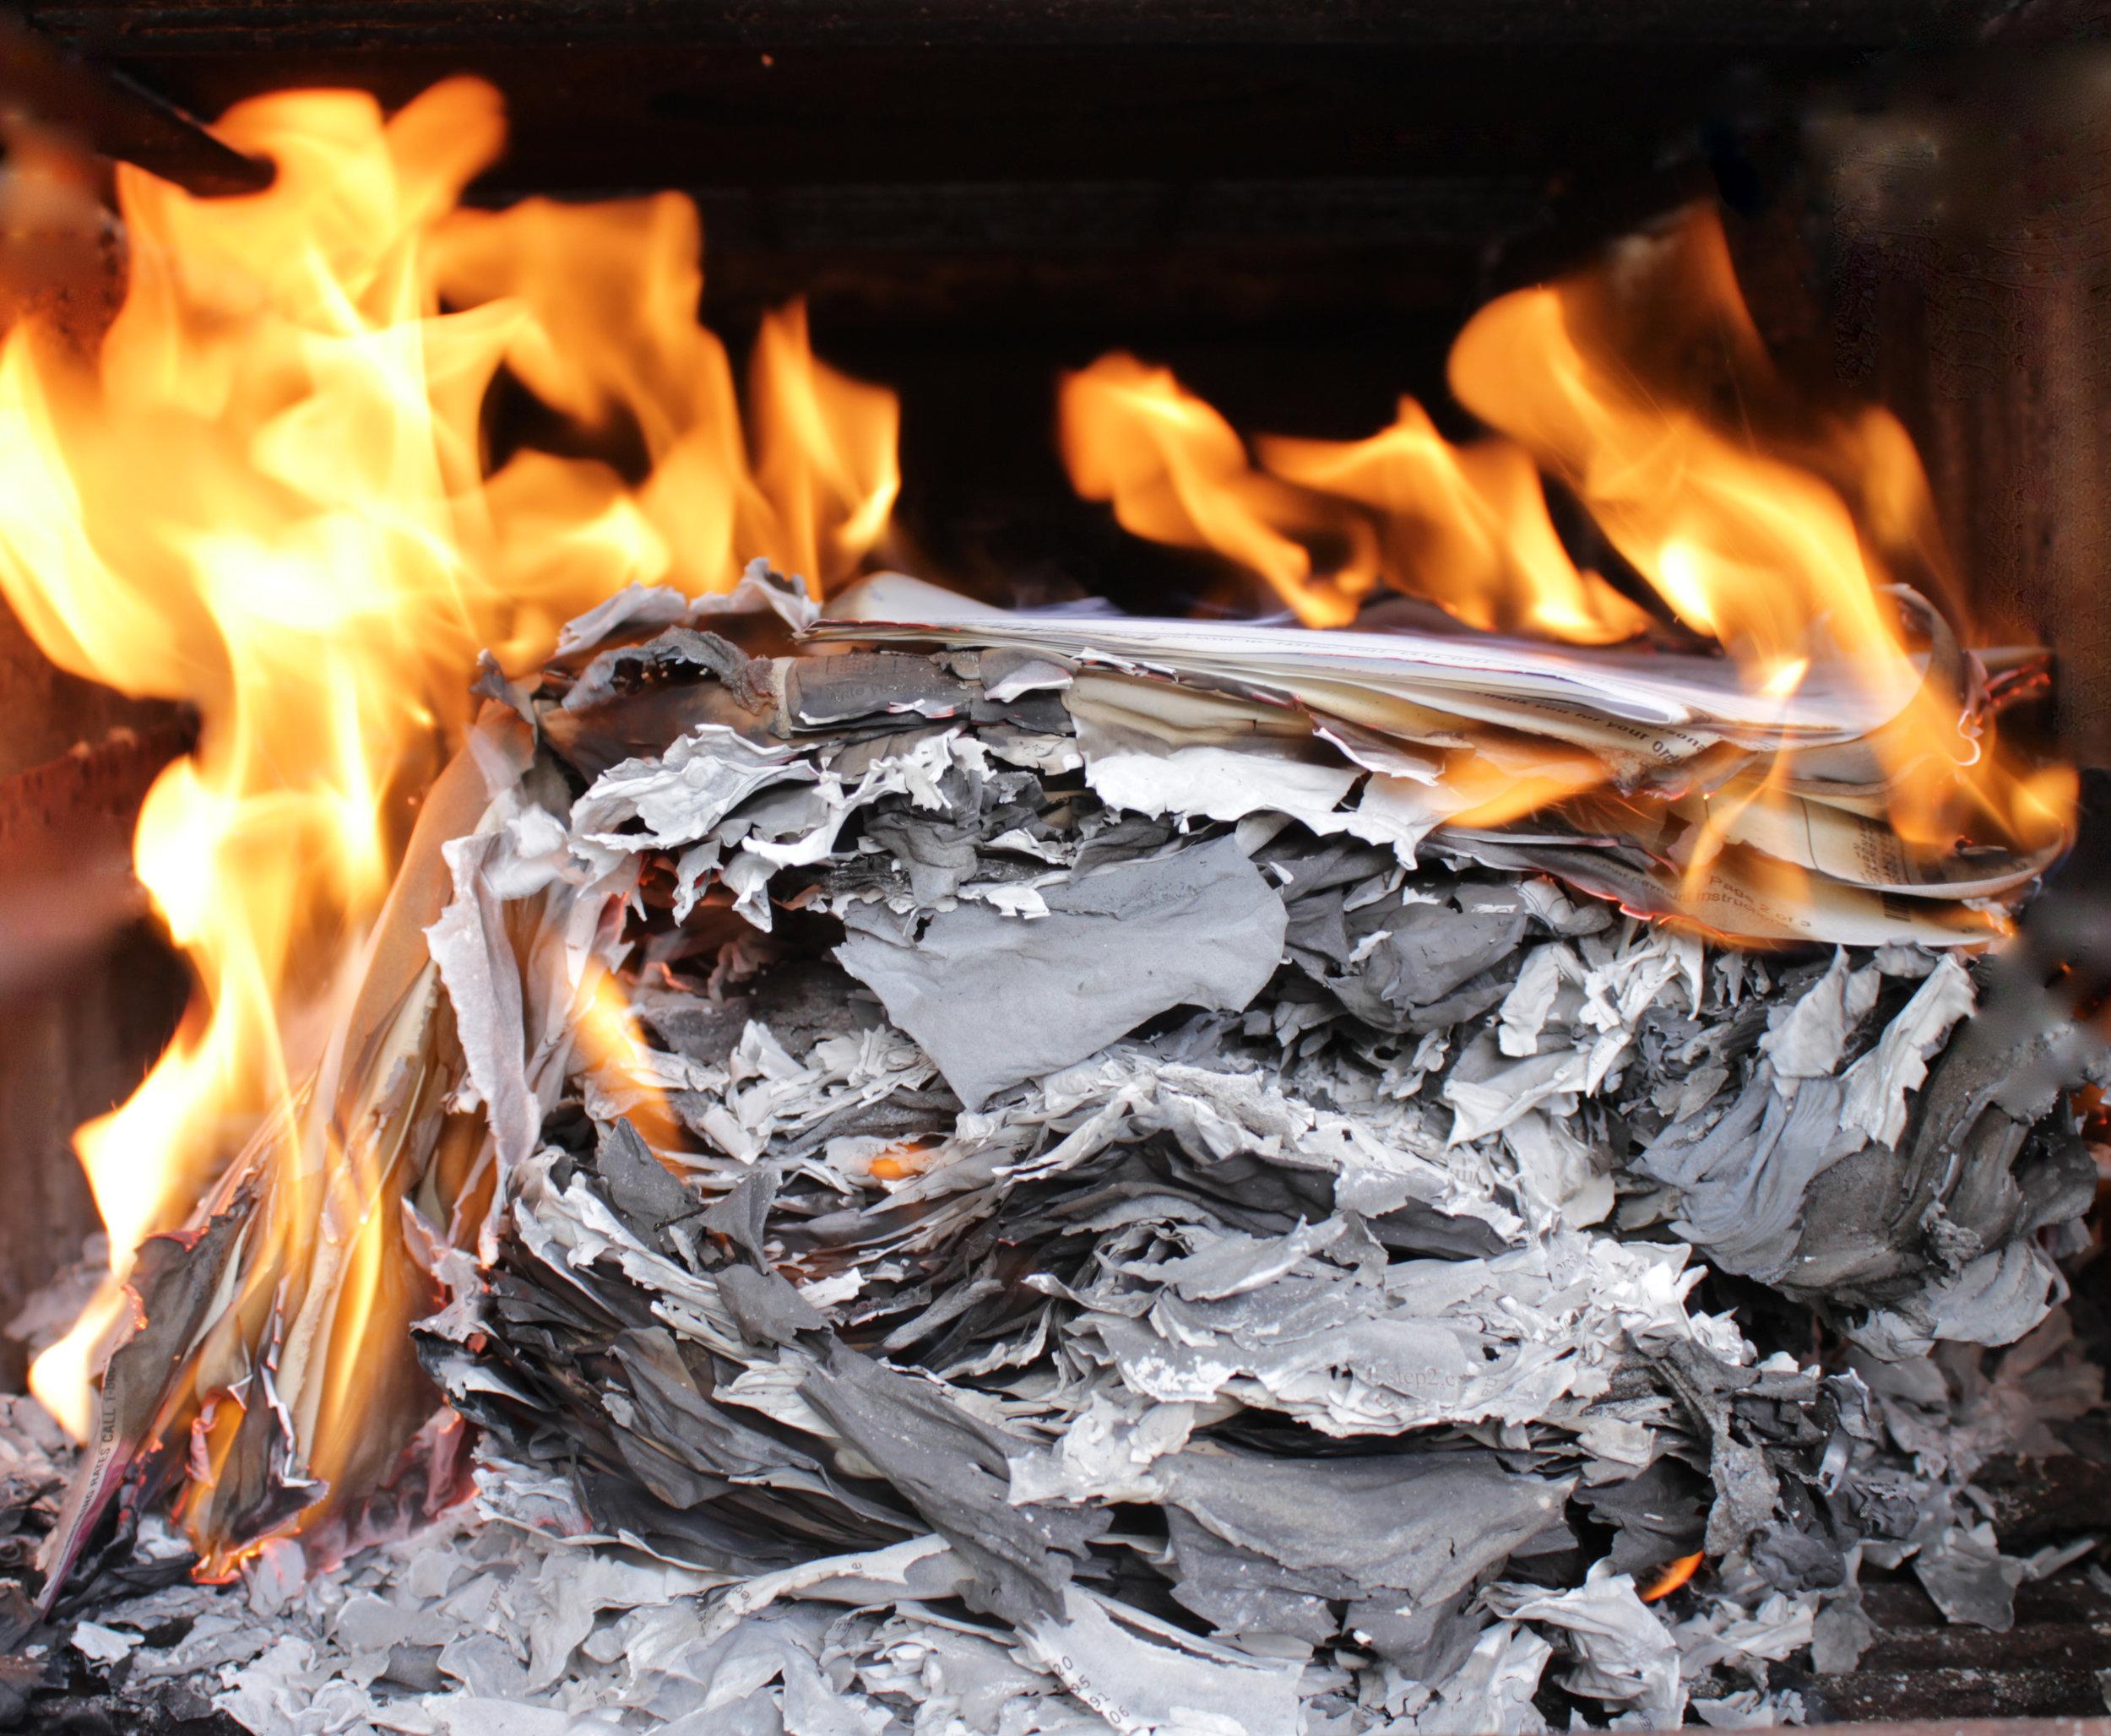 Burning My Life 3835